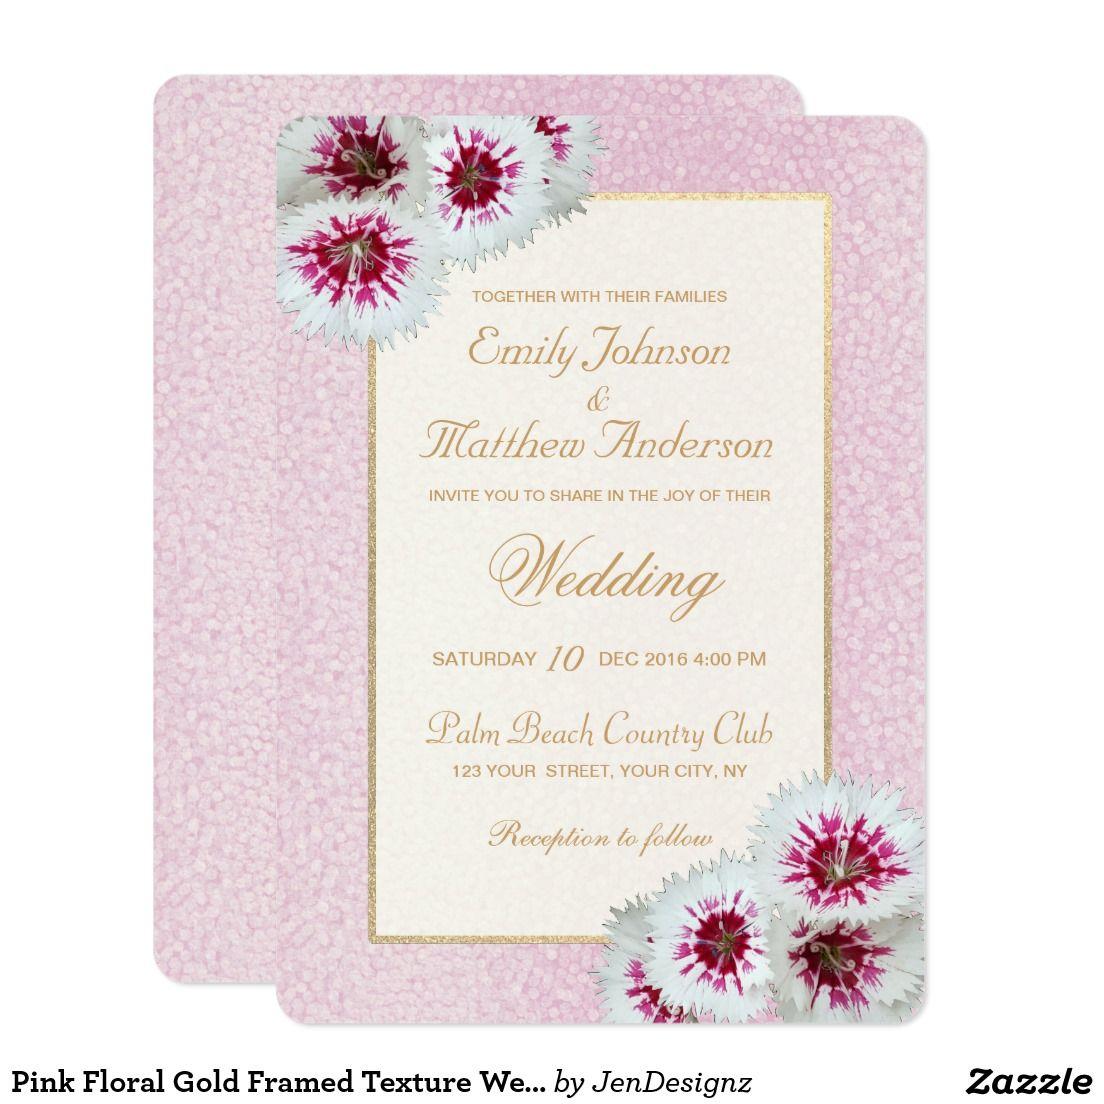 Pink Floral Gold Framed Texture Wedding Invitation | Pink, Floral ...